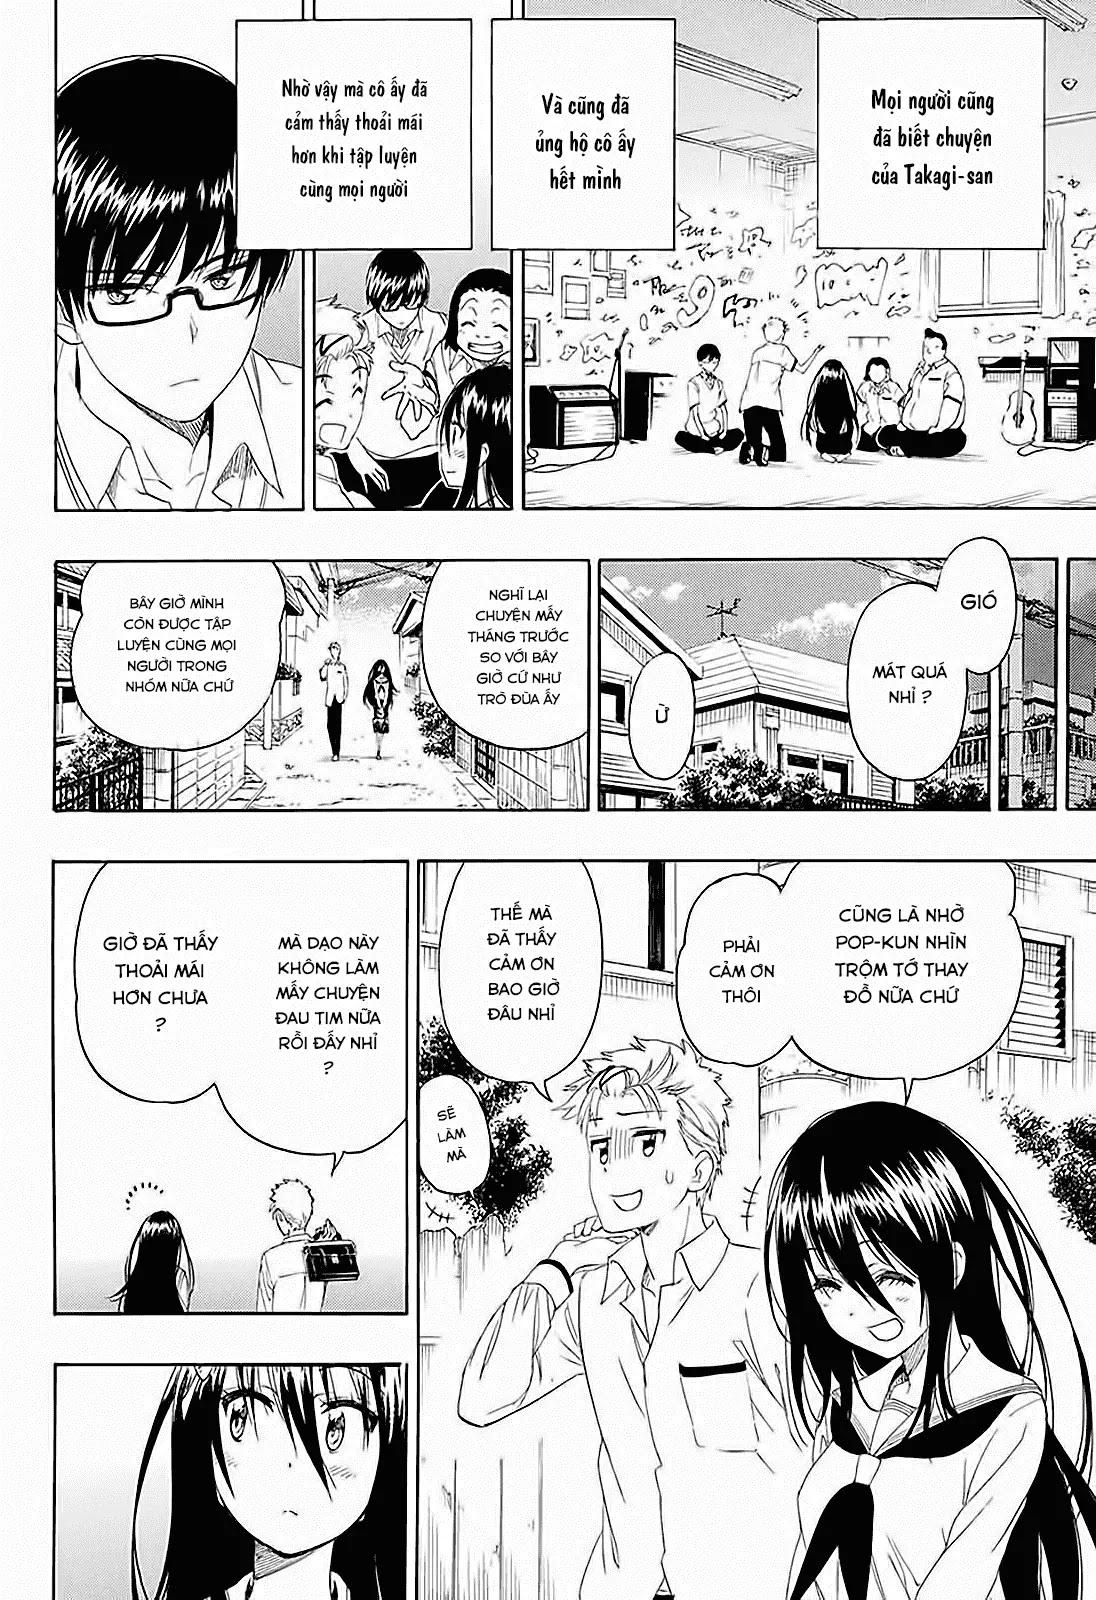 1477455286 Tokidoki TK Team Oneshot ve chai 35 - [ Đã Kết Full ] Tokidoki | Manga Online Tiếng Việt - Cực cảm động